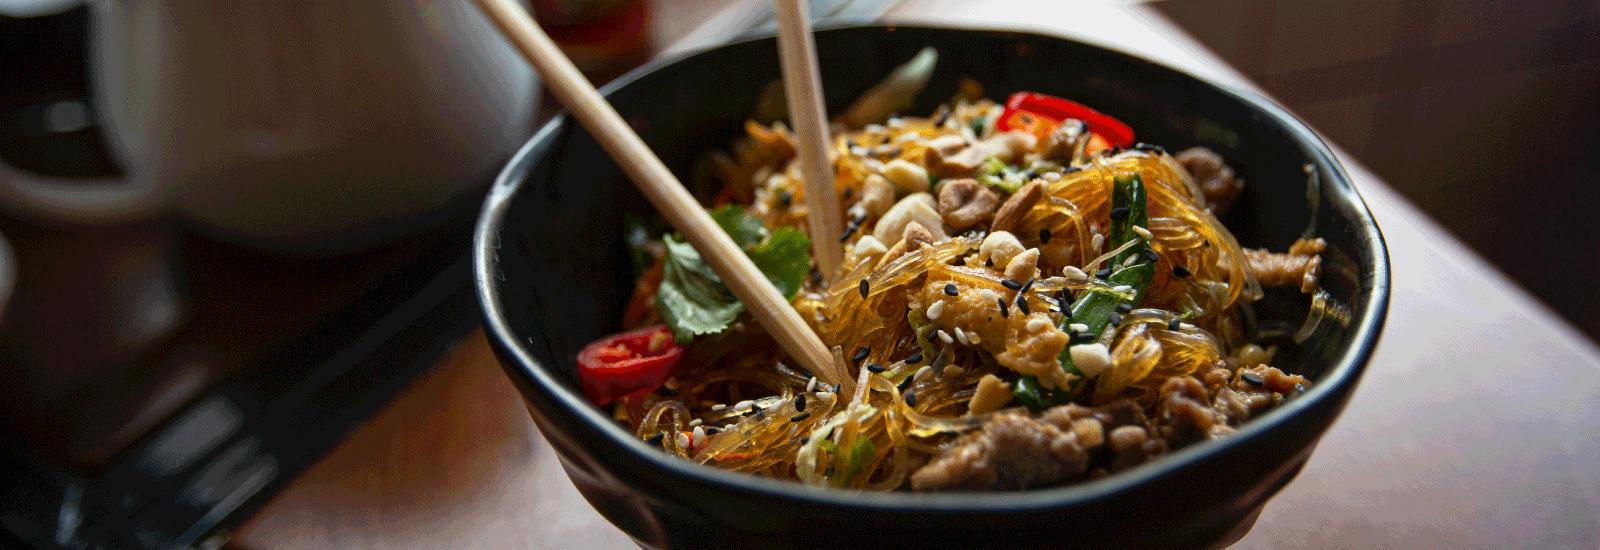 Asian Cuisine Near Eielson AFB